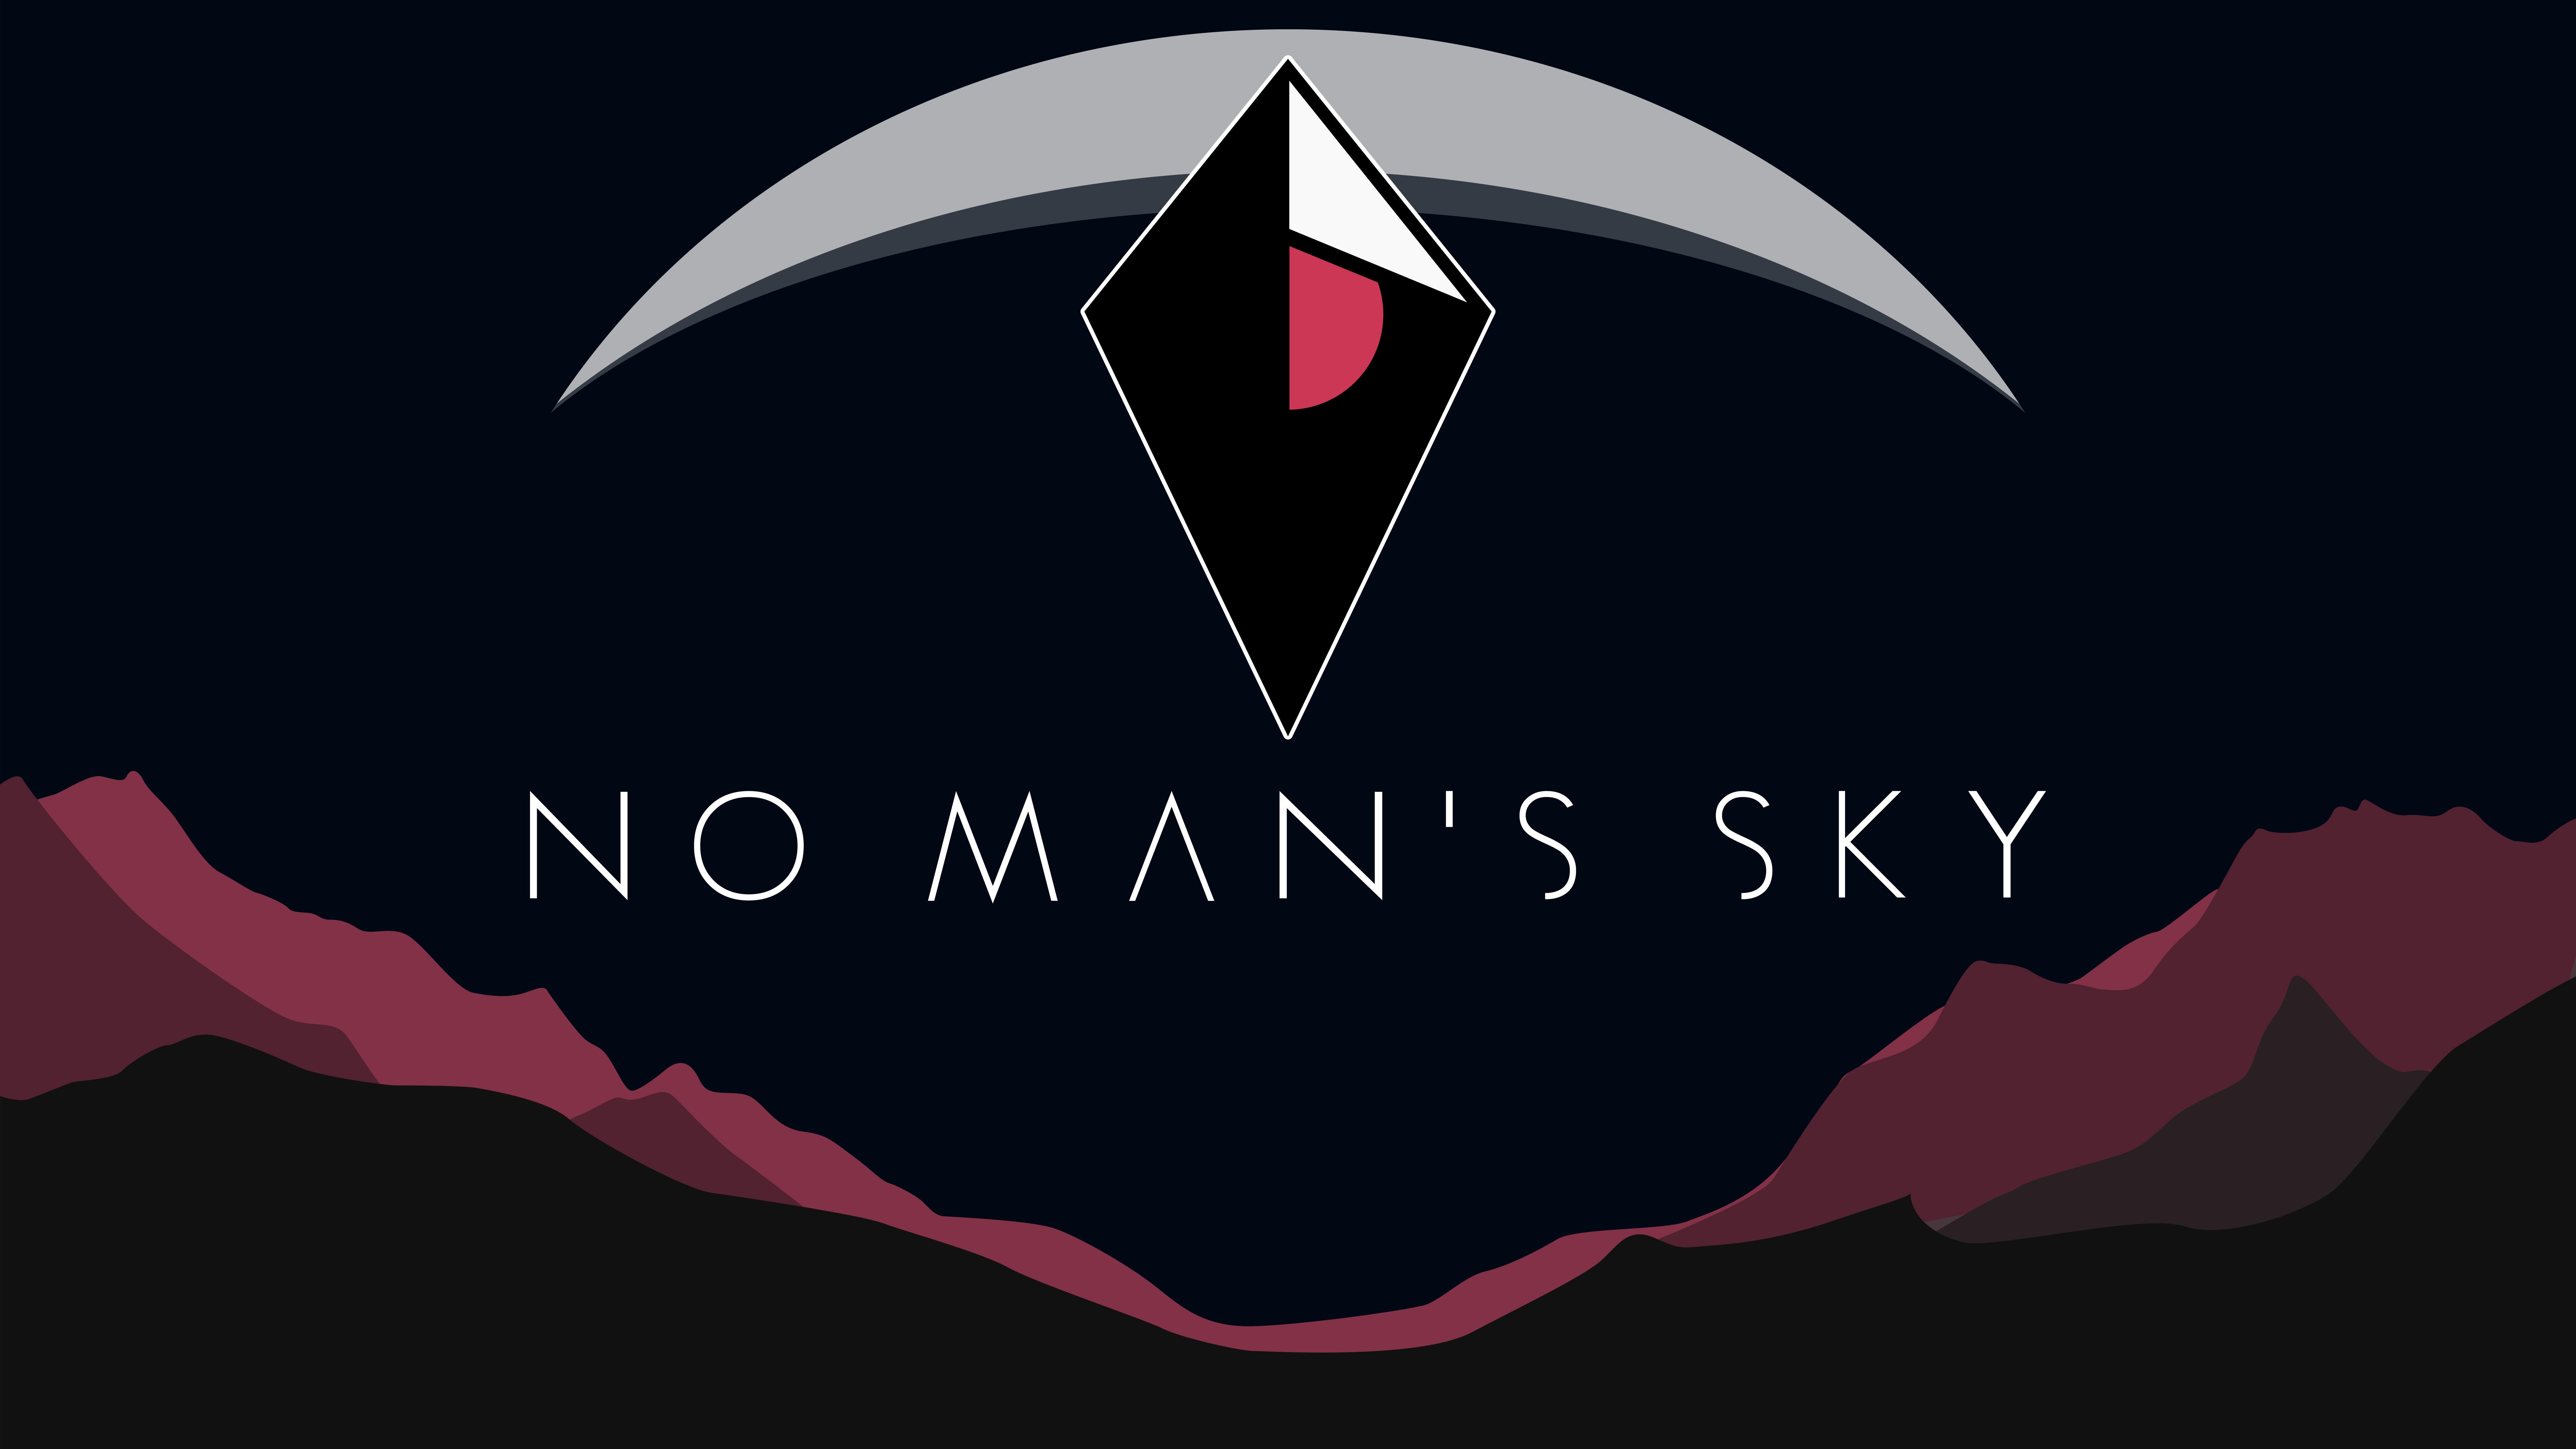 No Mans Sky wallpaper 4